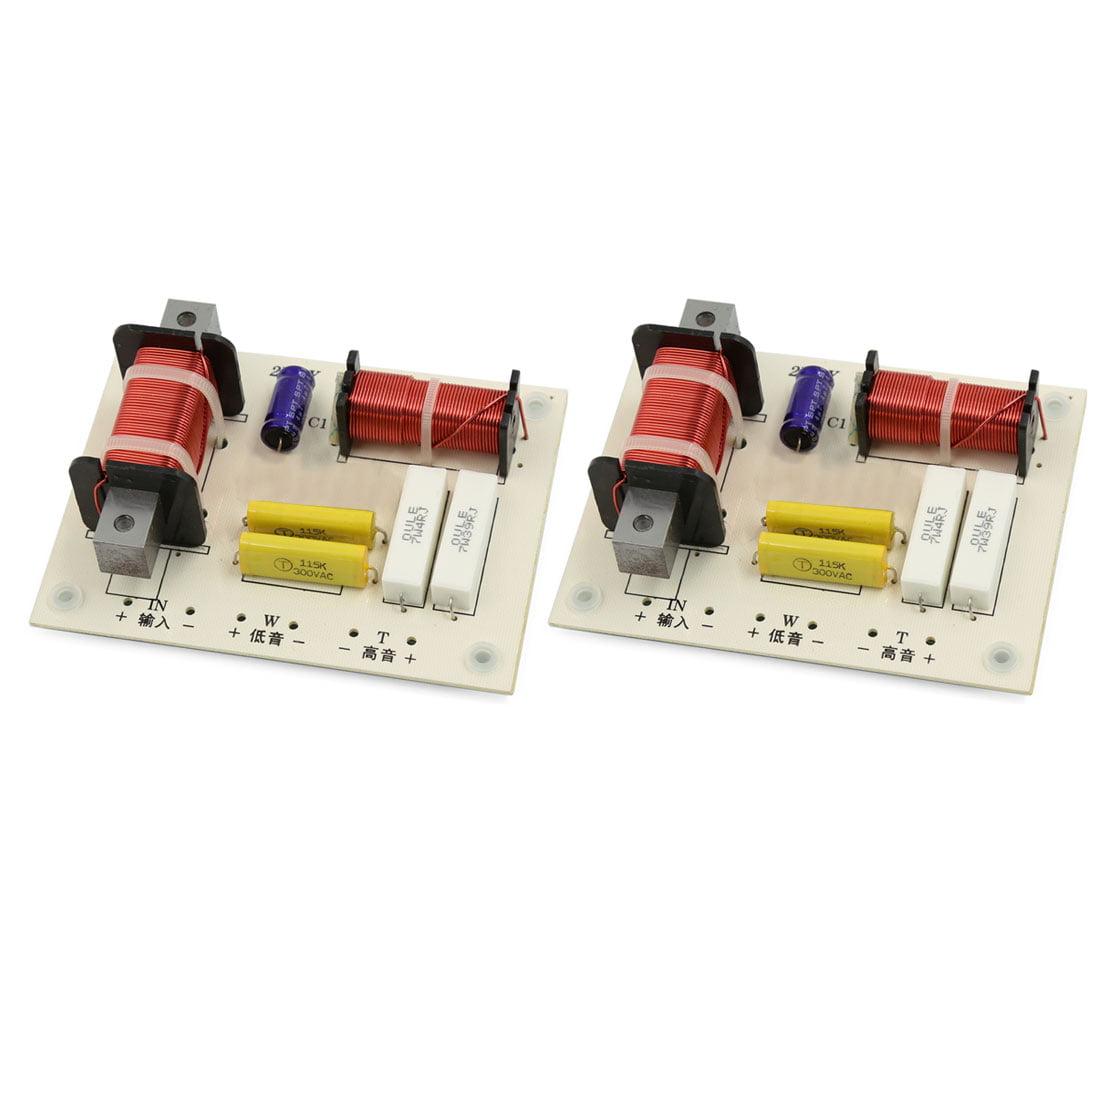 2 façons Haut-parleur Système Audio HiFi Filtres répartiteurs Diviseur de fréquence 180W 2 Pcs - image 2 de 2